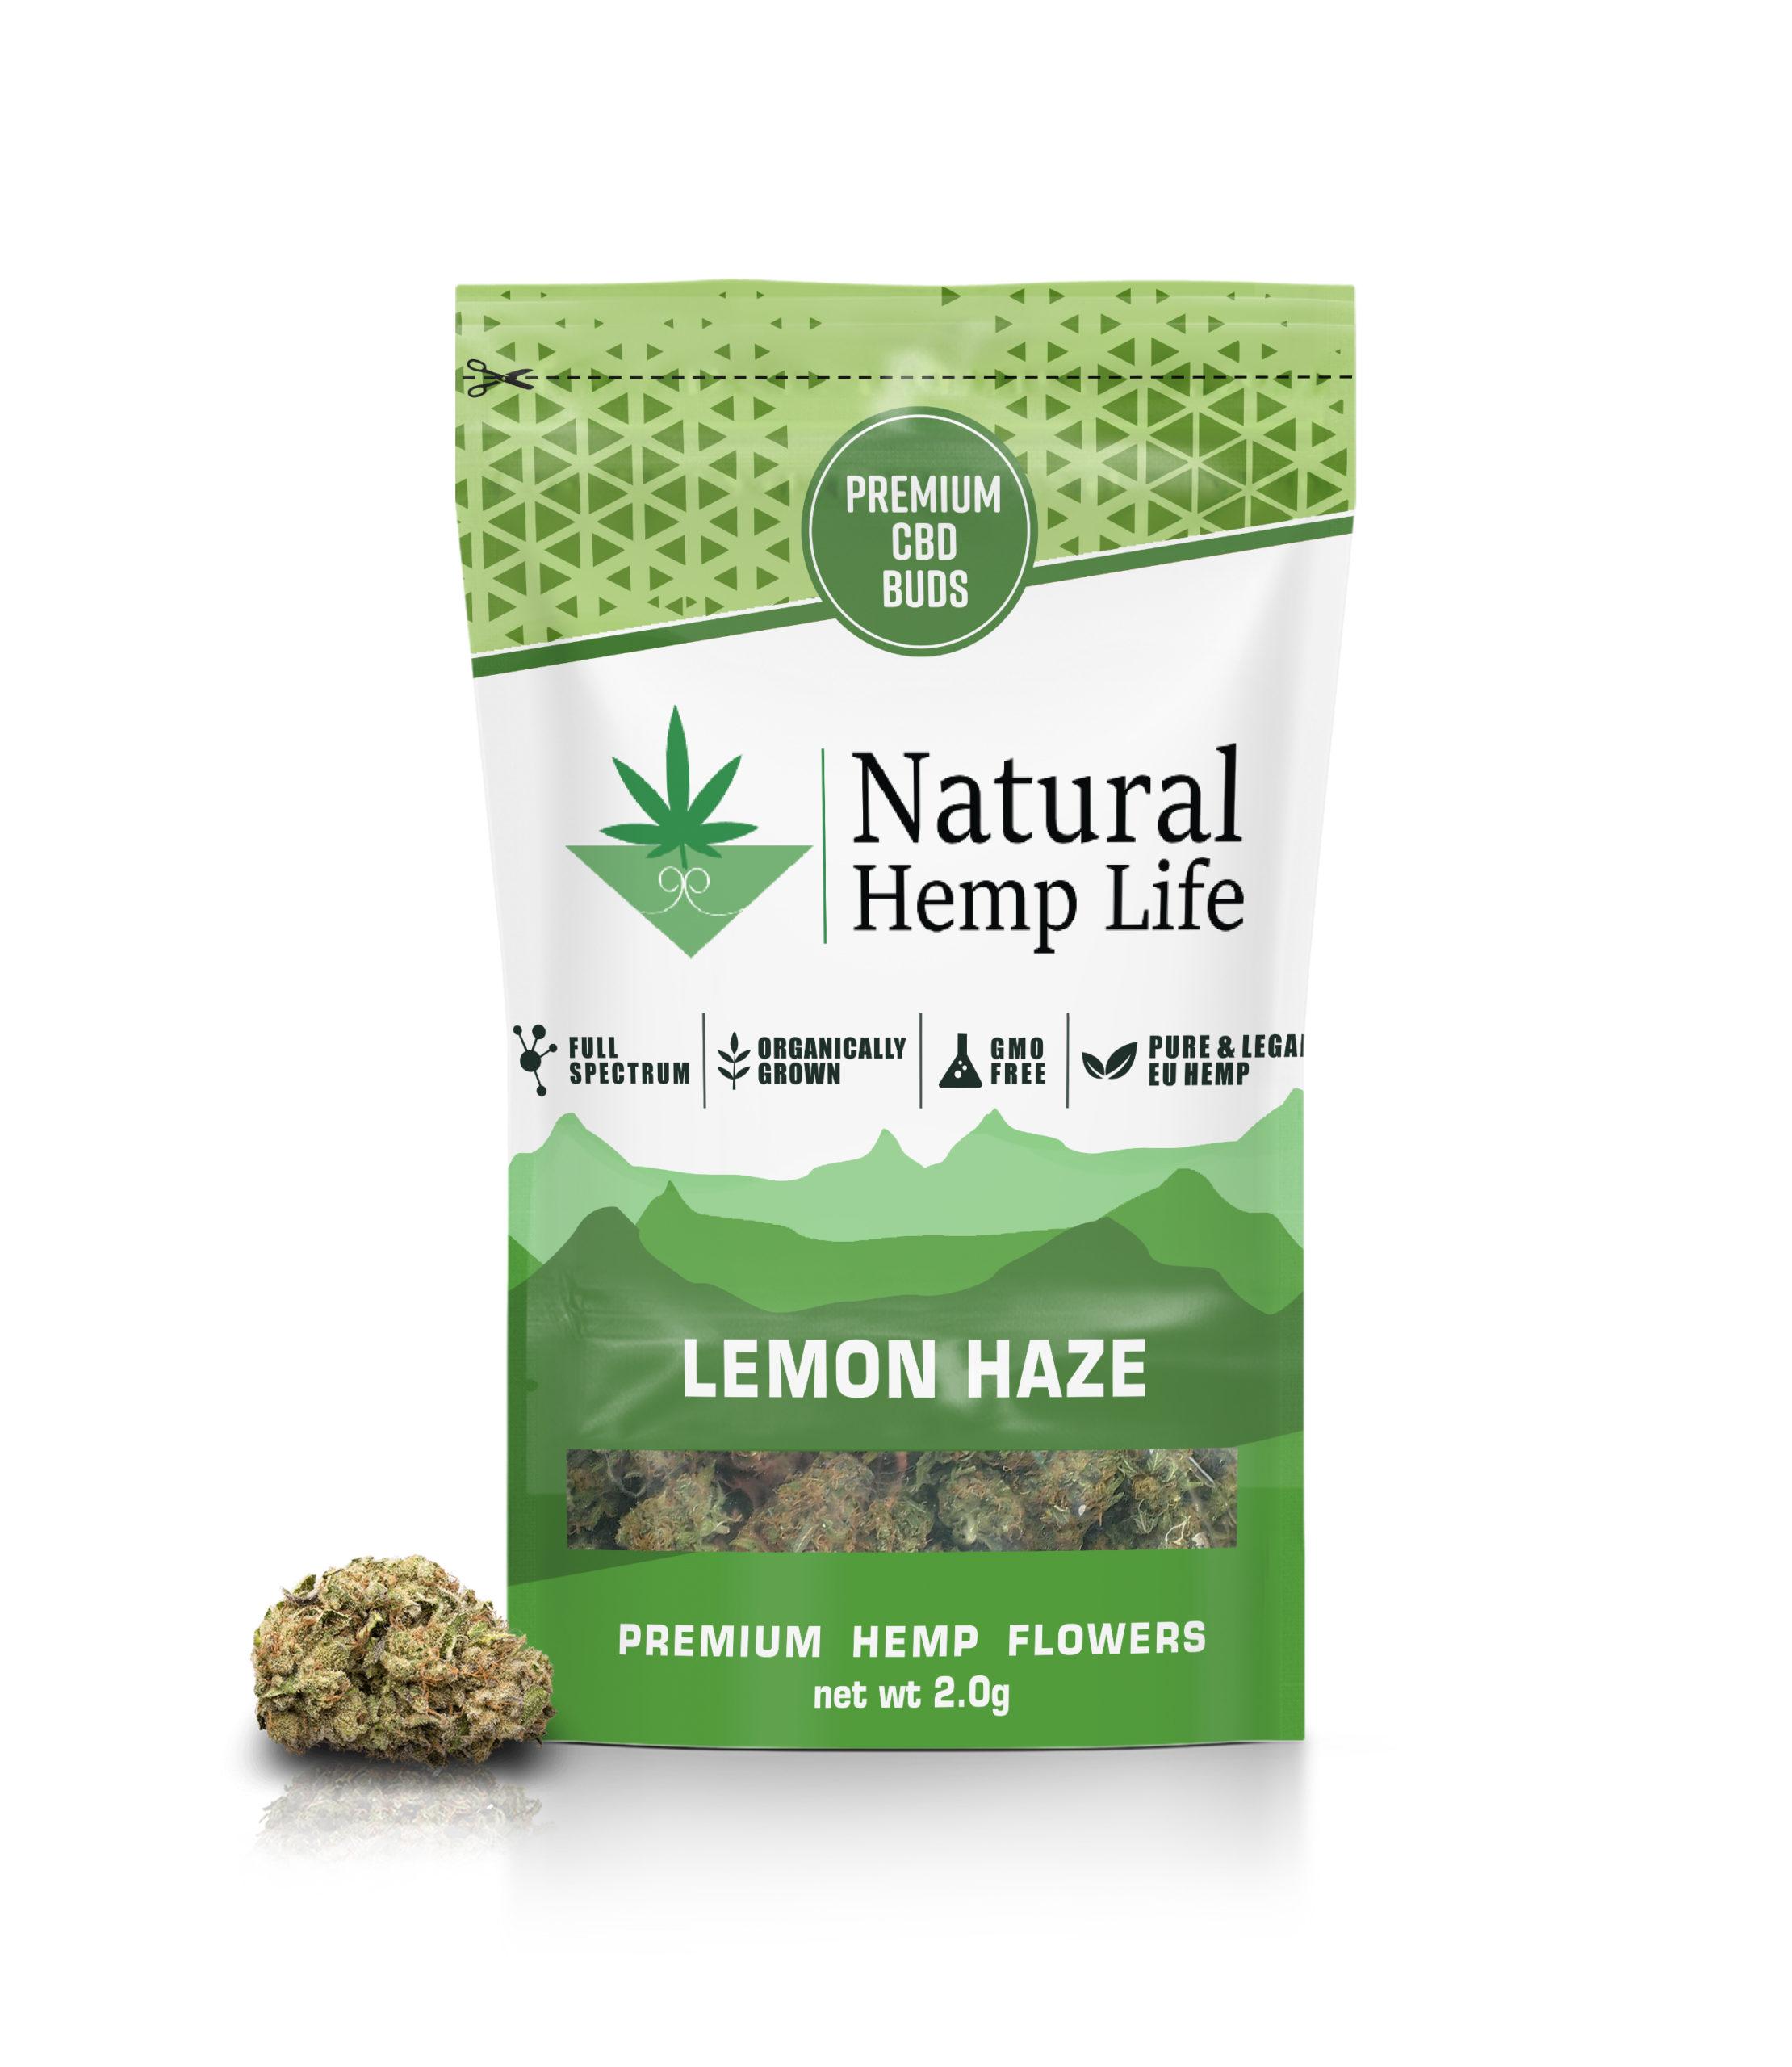 Lemon-Haze-scaled